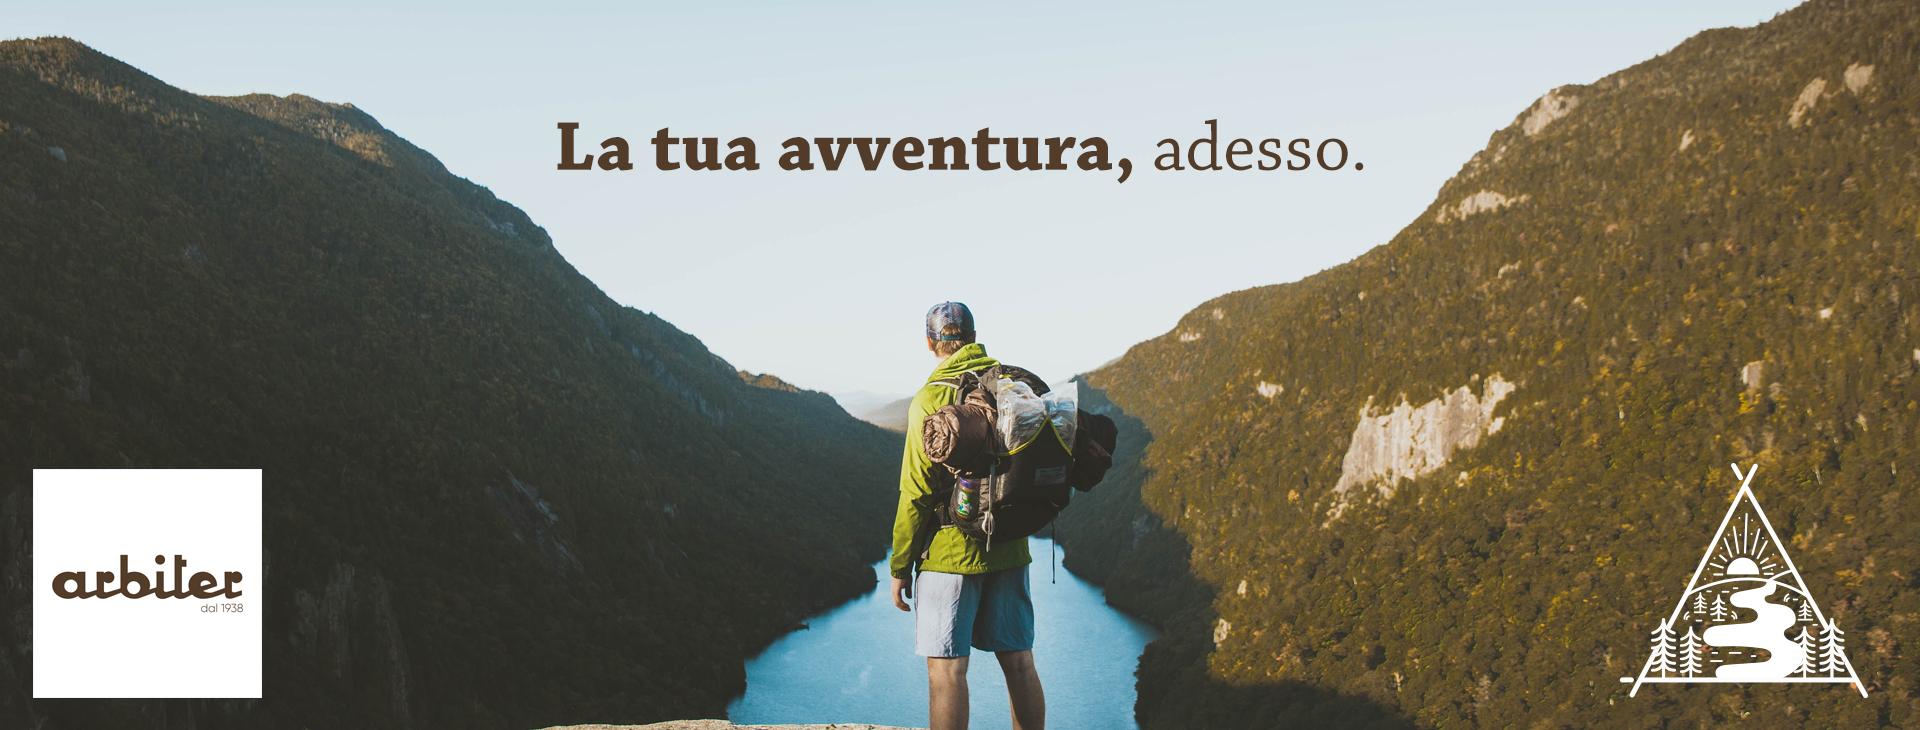 Arbiter Trekking, dal 1938 in Via Toledo 286 - Napoli.